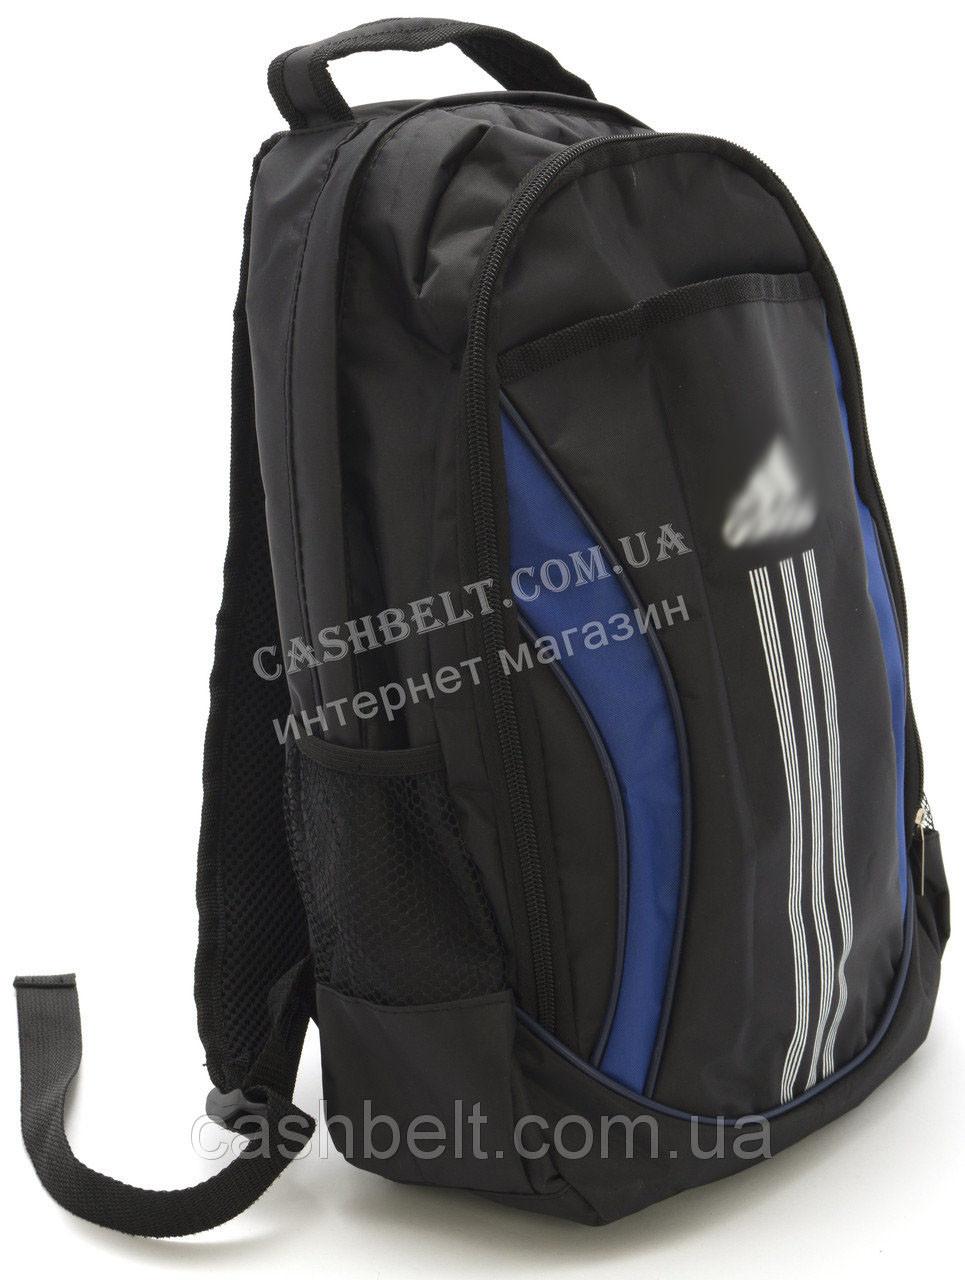 Спортивный рюкзак черного цвета сумка-рюкзак италия купить